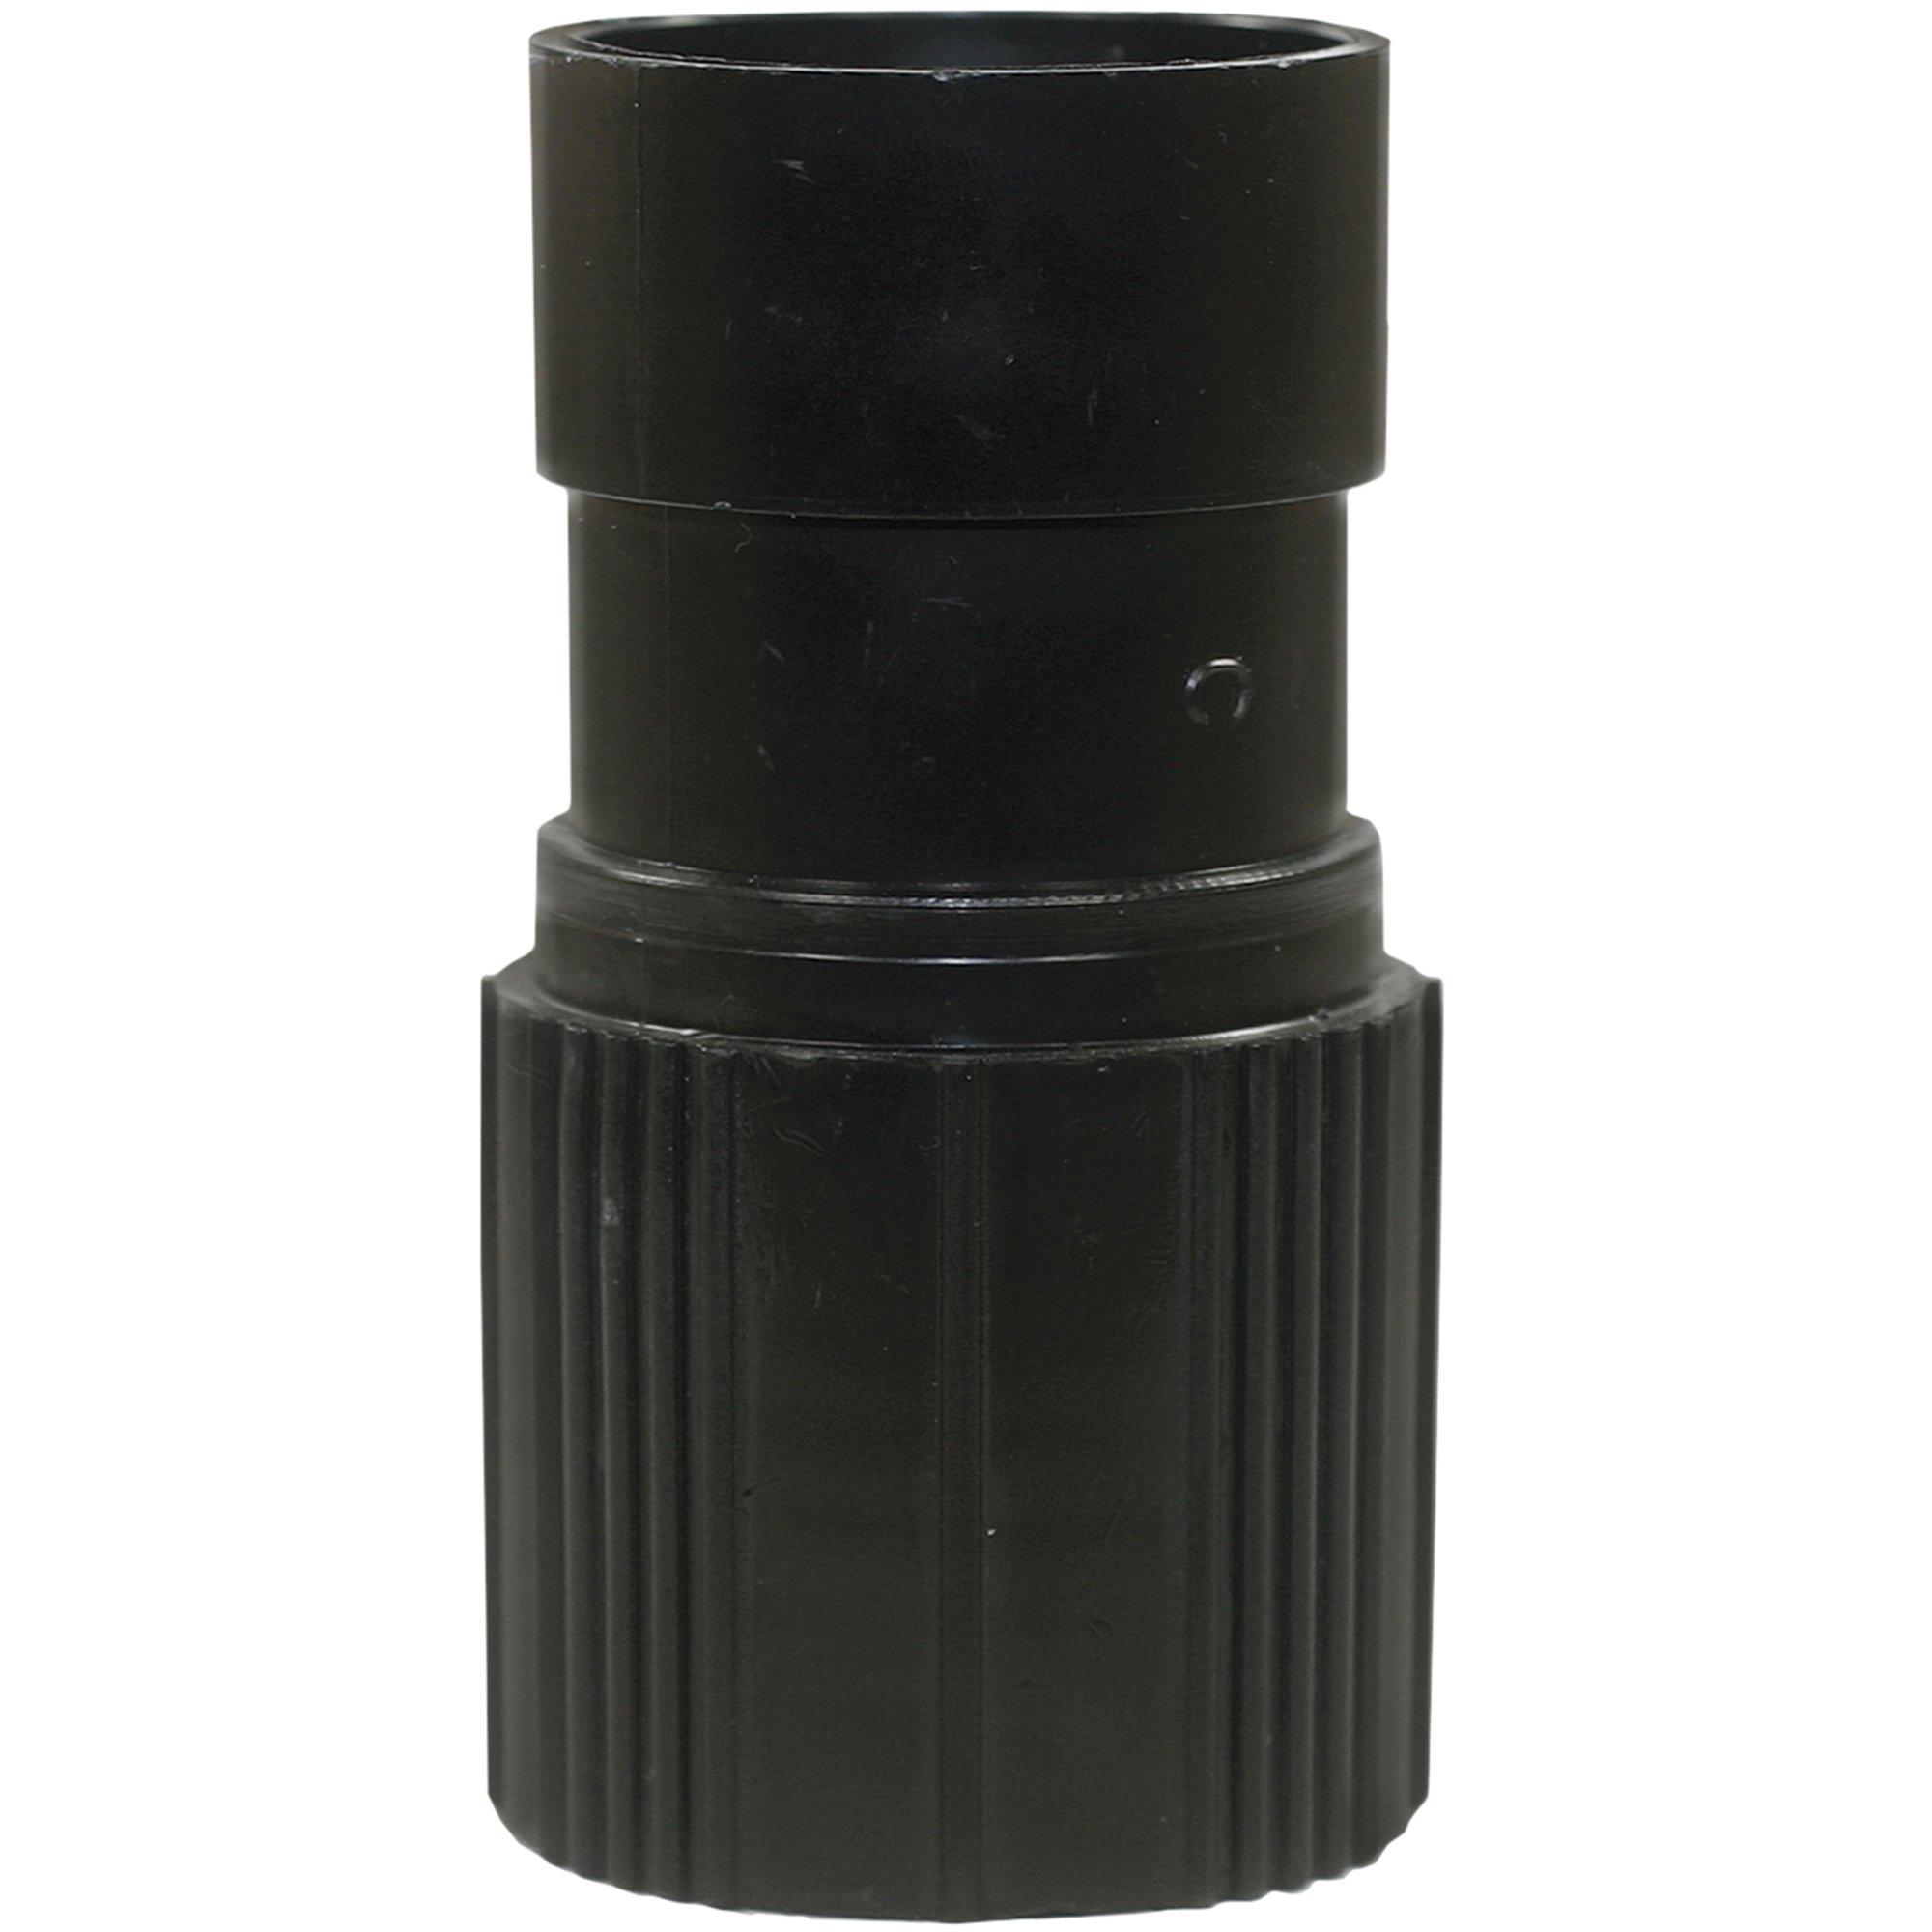 R+M de Wit Muffe Kessel D=49mm auf Schlauch D=38mm, GHIBLI Muffe Kessel-49 Schlauch-38-GHIBLI |